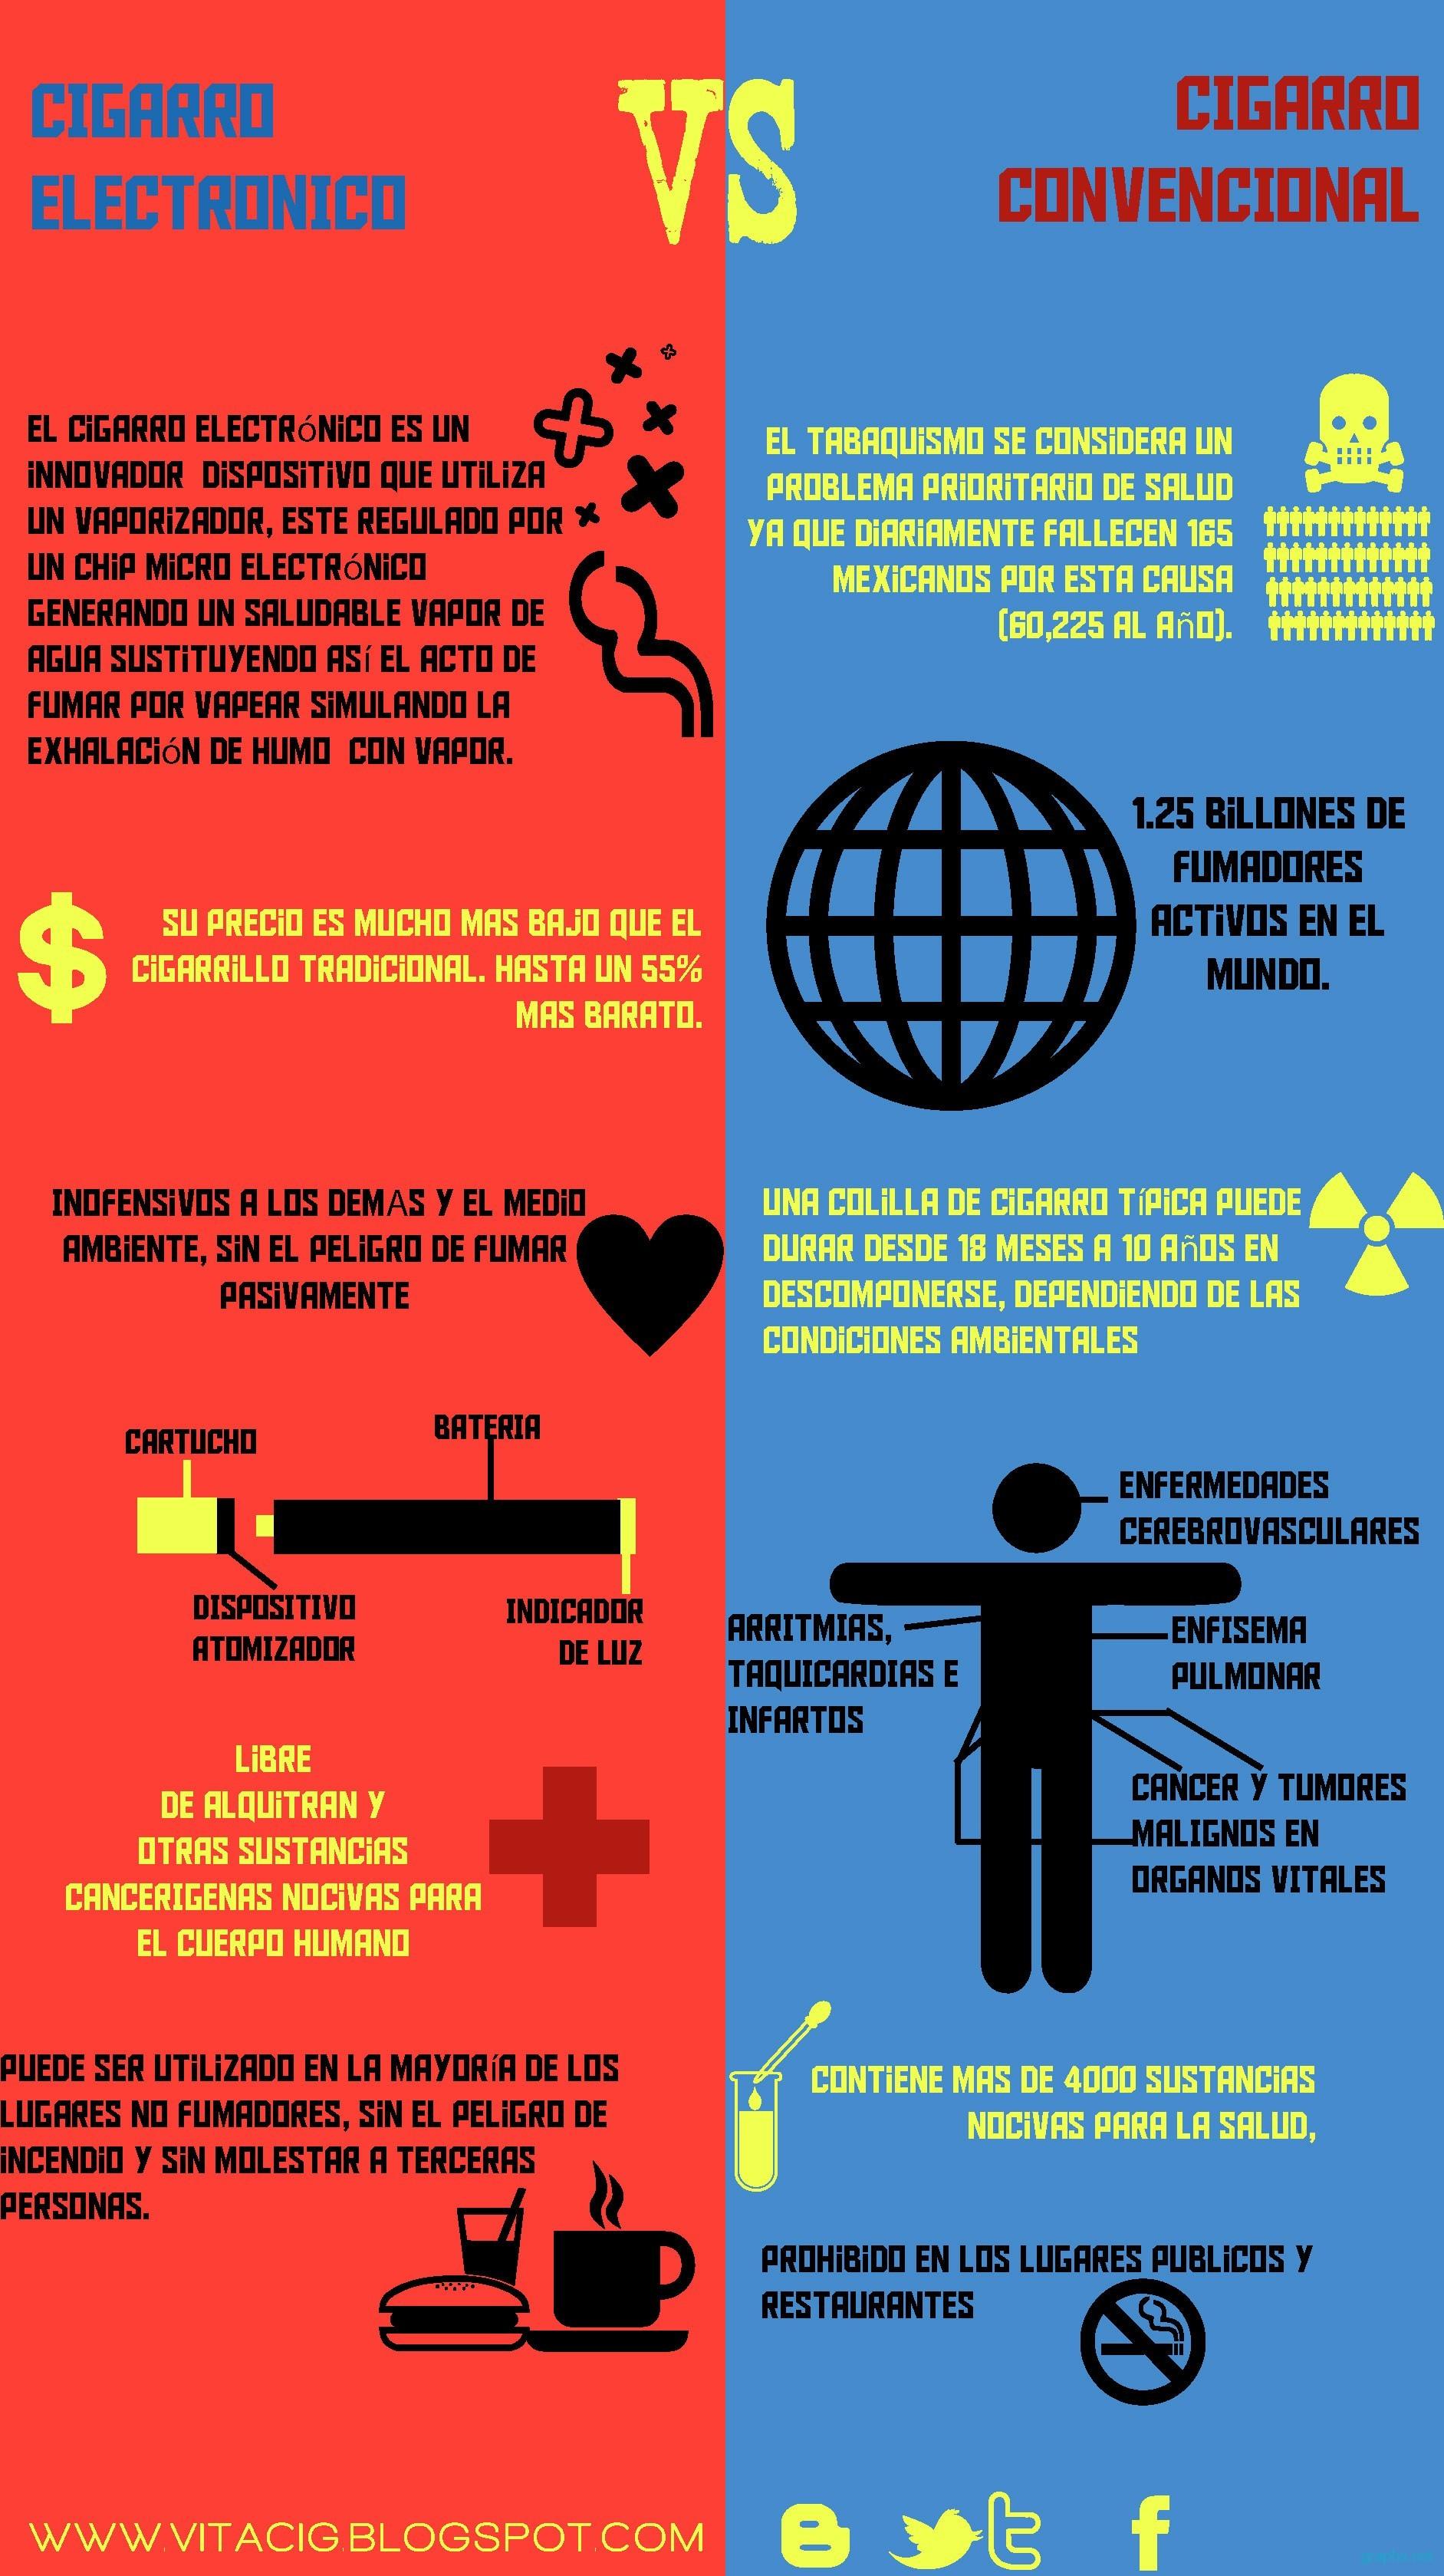 electronic cigarette vs tobacco cigarette facts